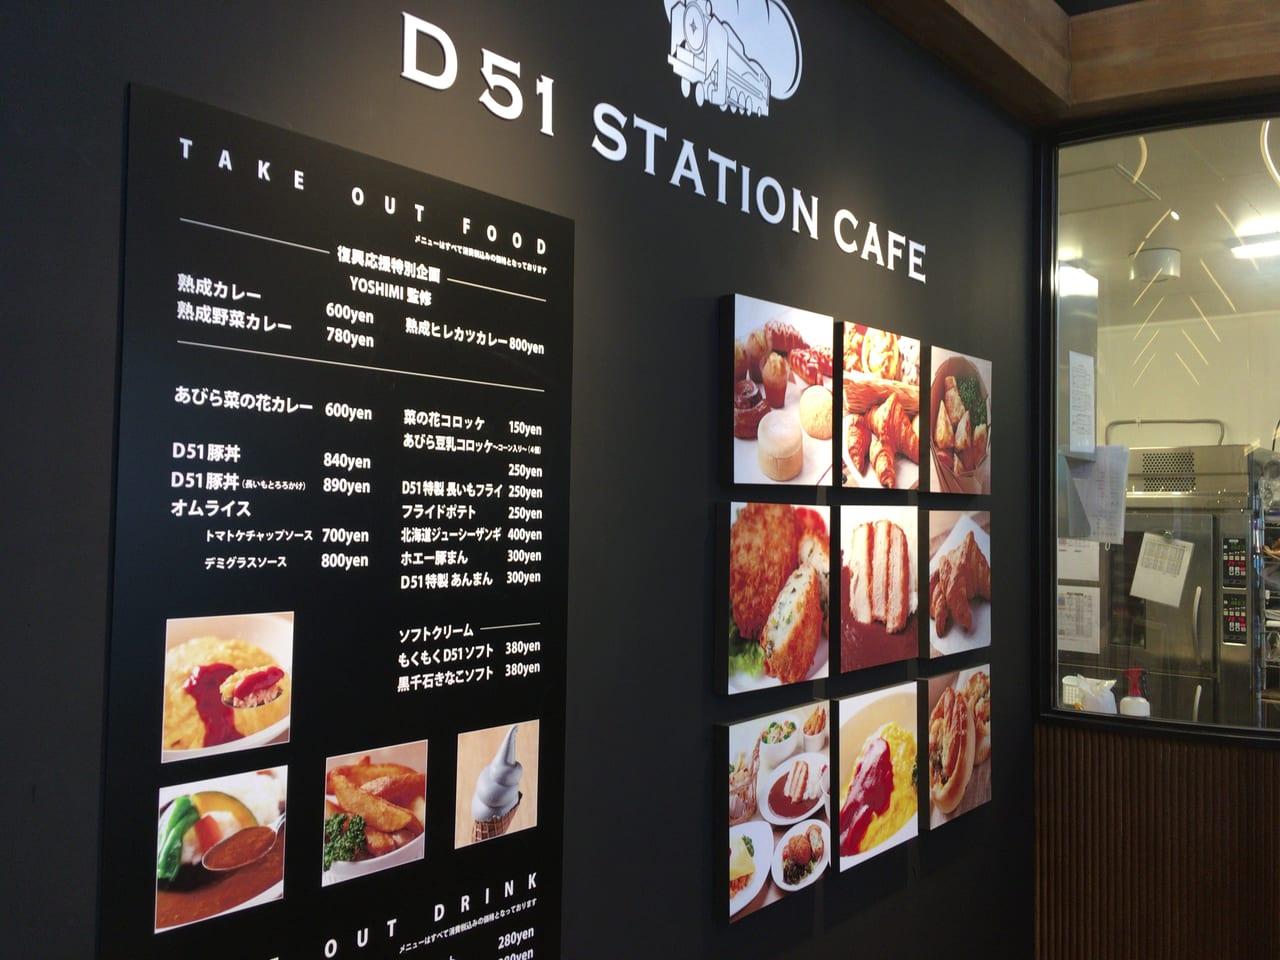 道の駅あびらD51ステーションのテイクアウトメニューの看板